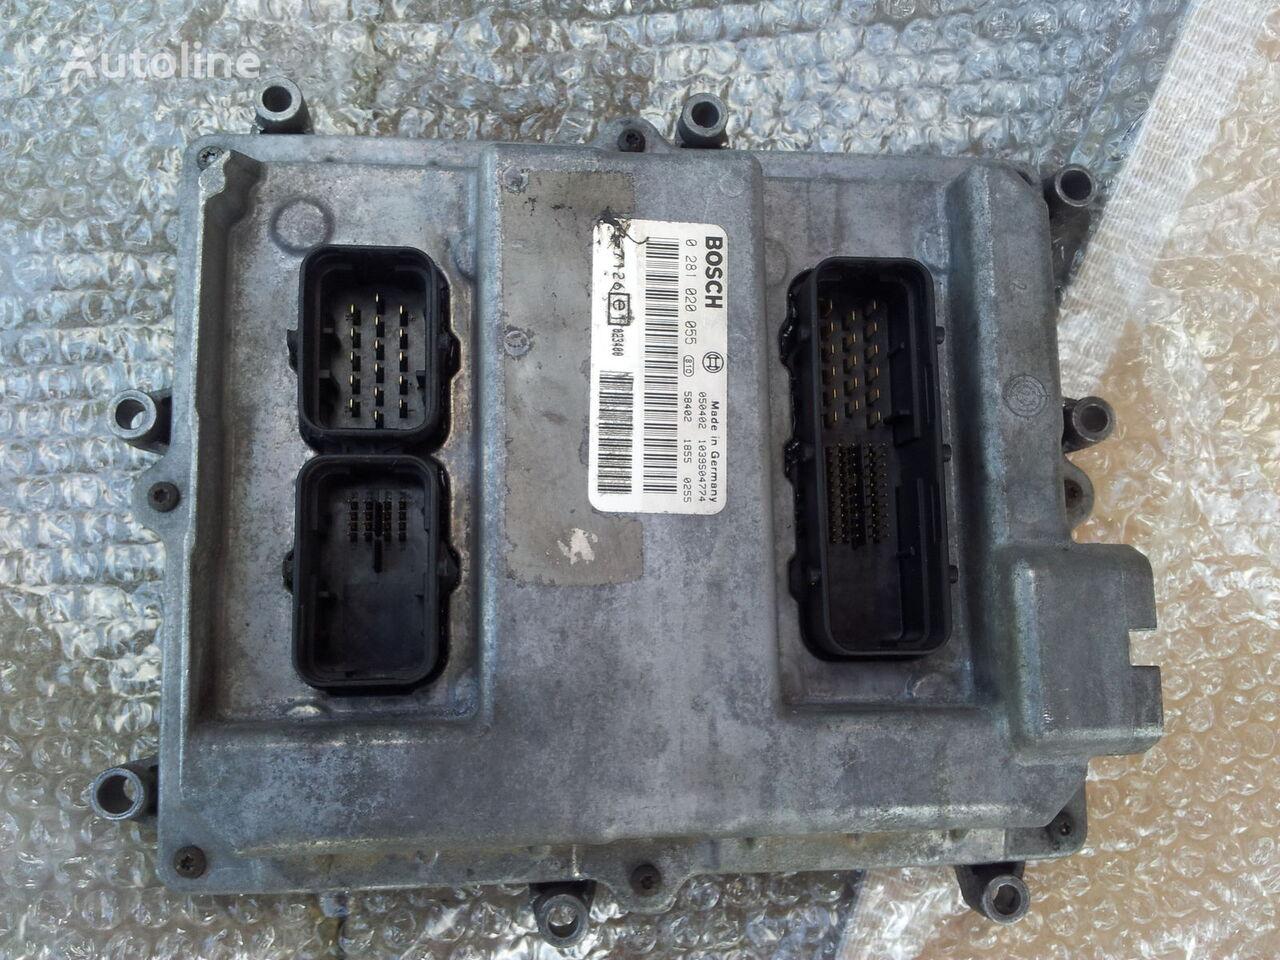 ελκυστήρας MAN TGA για μονάδα ελέγχου  MAN Common Rail EDC, ECU electronic diesel control 0281020055, D2066LF01, 51258037126, 51258337169, 51258037127, 51258337168